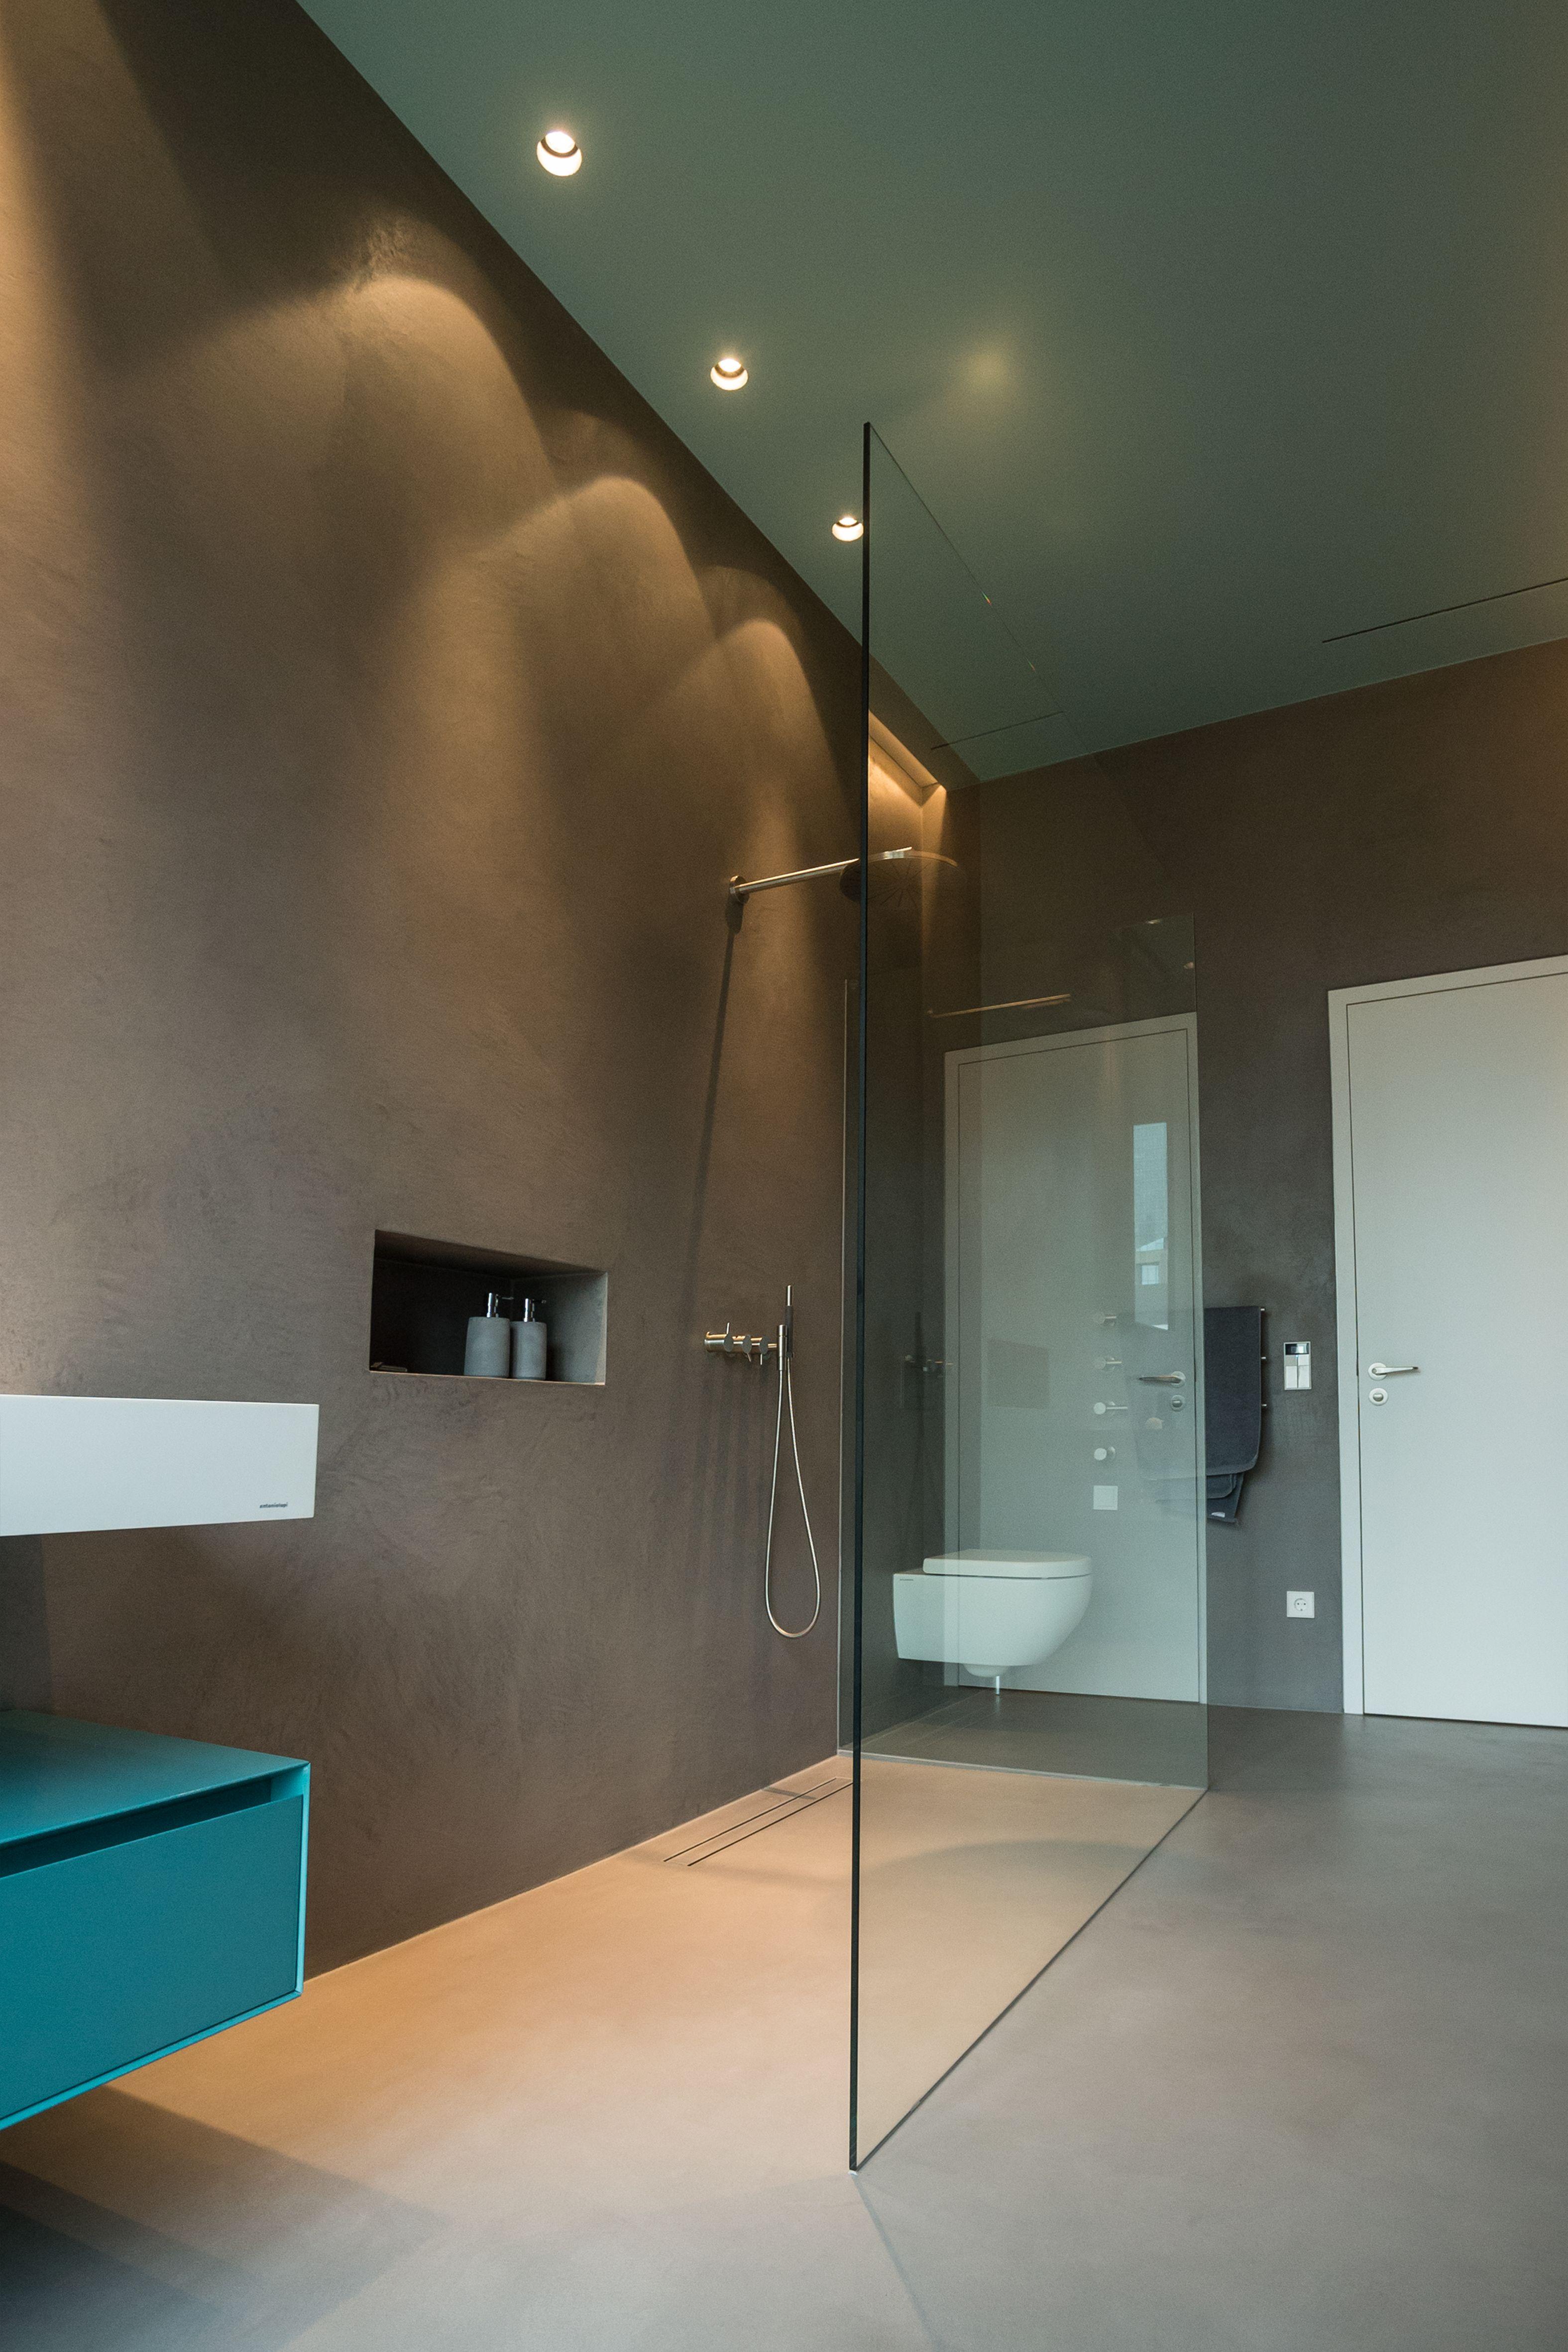 Beton Imitation Auch Im Nass Bereich Ob Wand Oder Boden Kein Problem Fugenlose Bader In Betonoptik Badgestaltung Badezimmer Badezimmer Dekor